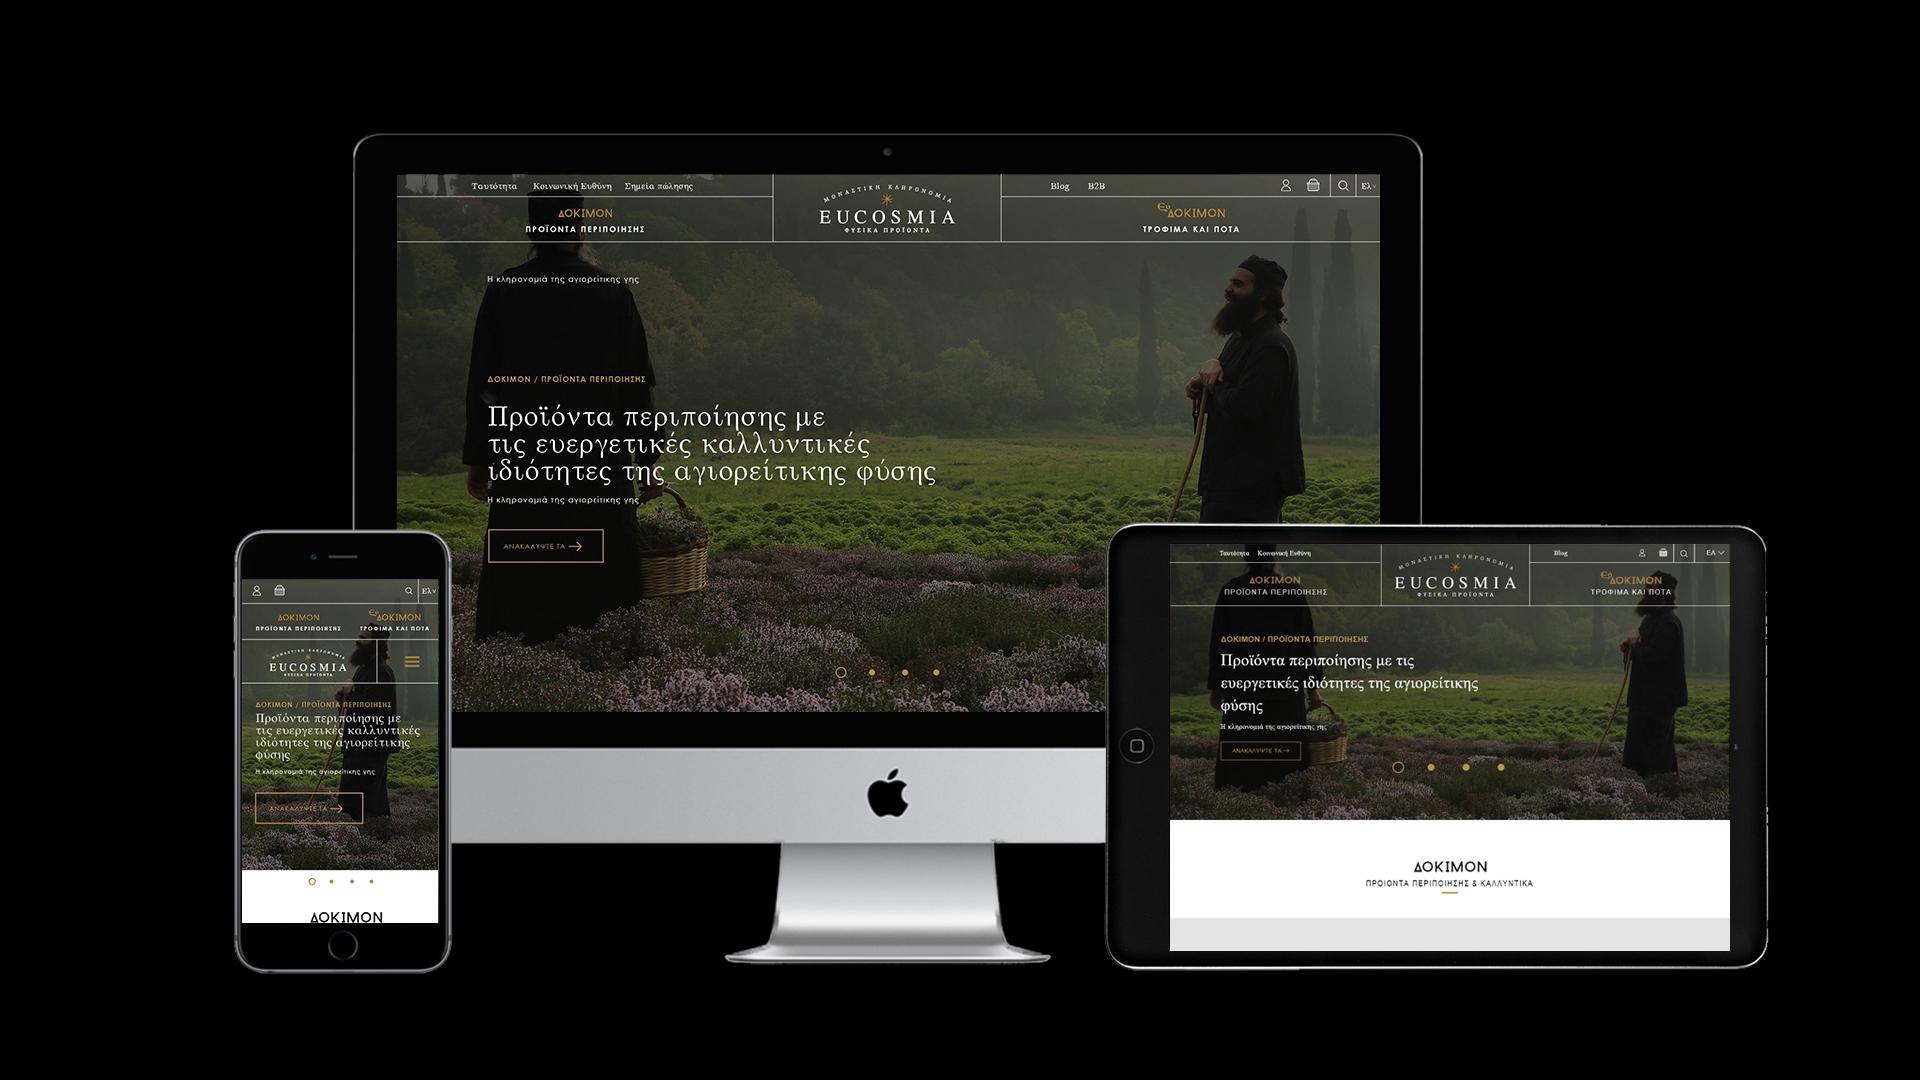 New Magento eShop for Eucosmia by COMMA